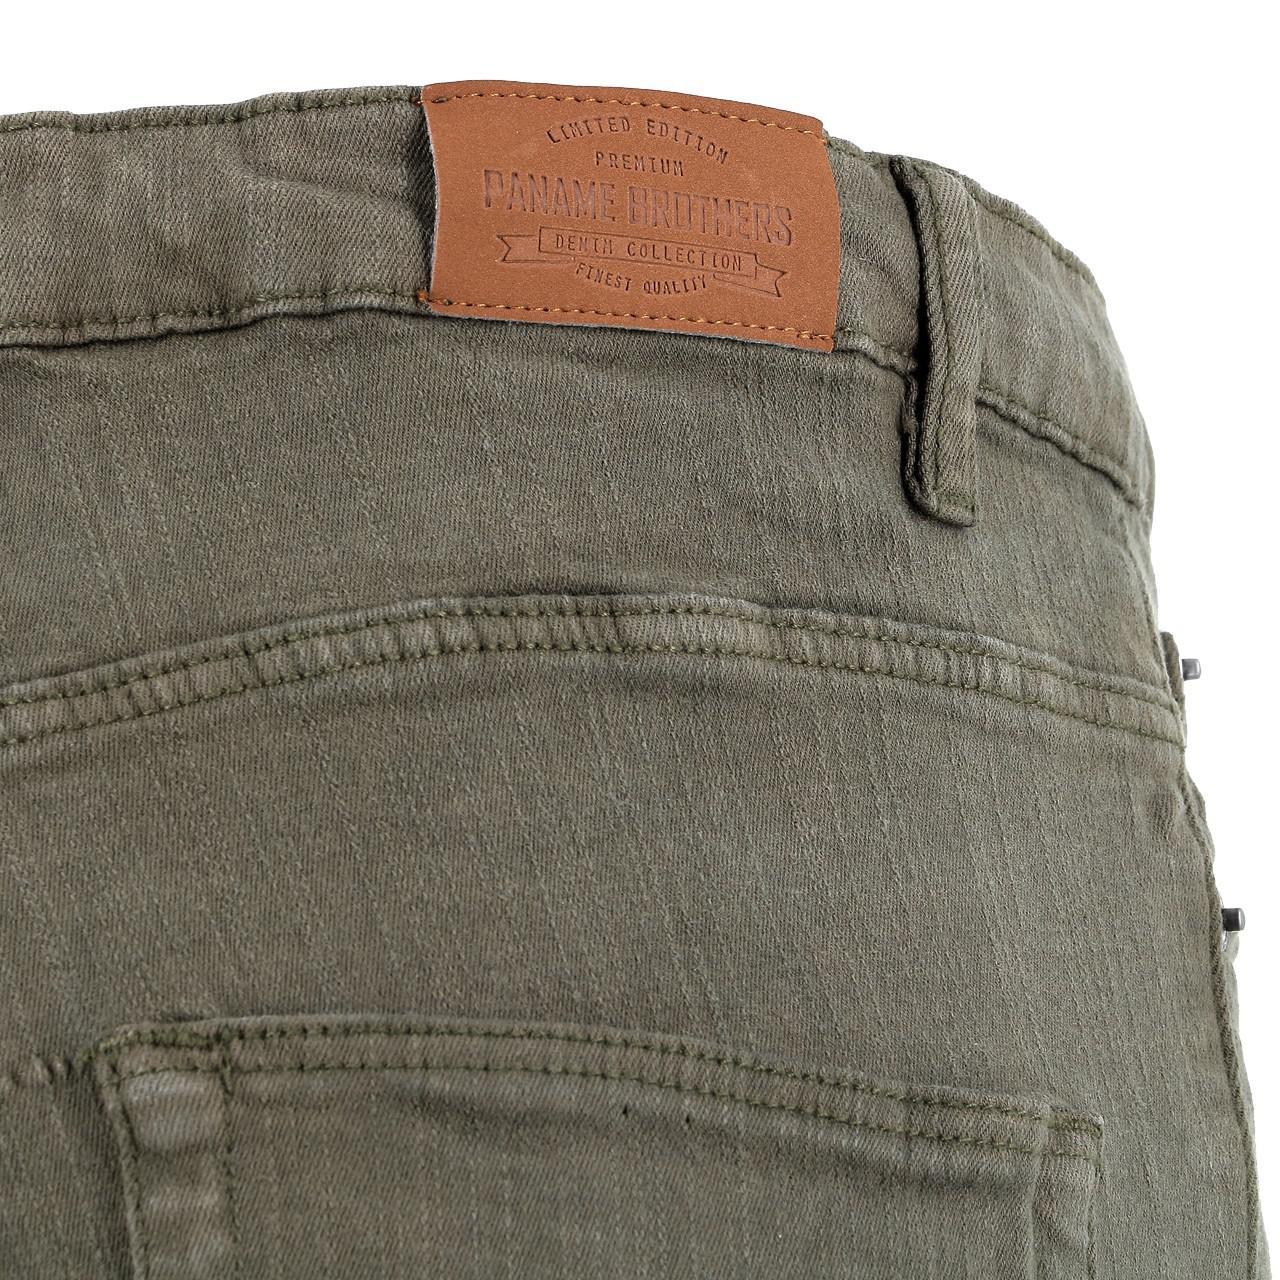 Jeans-Pants-Paname-brothers-Japa-Khaki-Jeans-Green-17196-New thumbnail 4